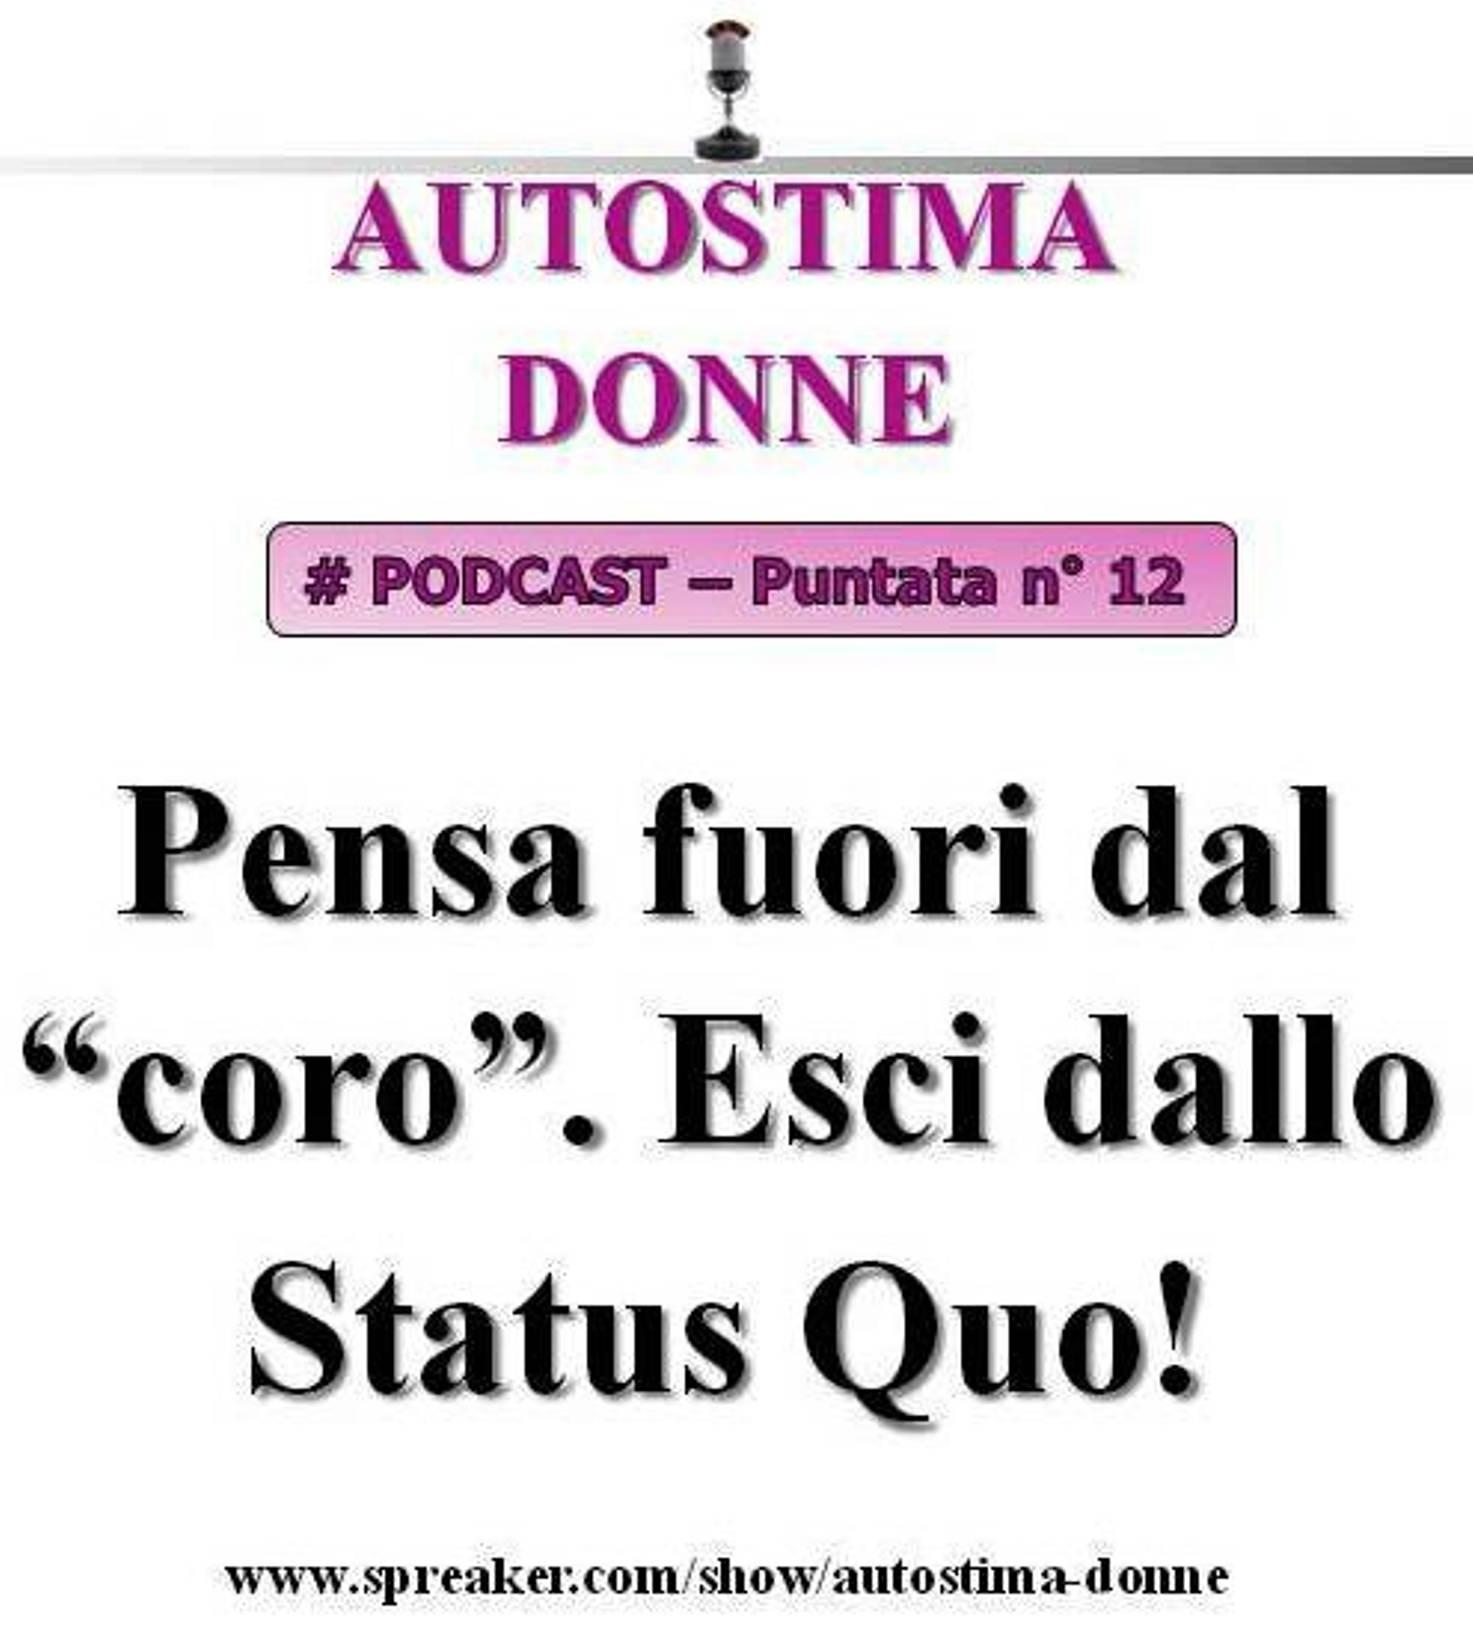 12° puntata Autostima Donna - pensa fuori dal coro, esci dal tuo status quo